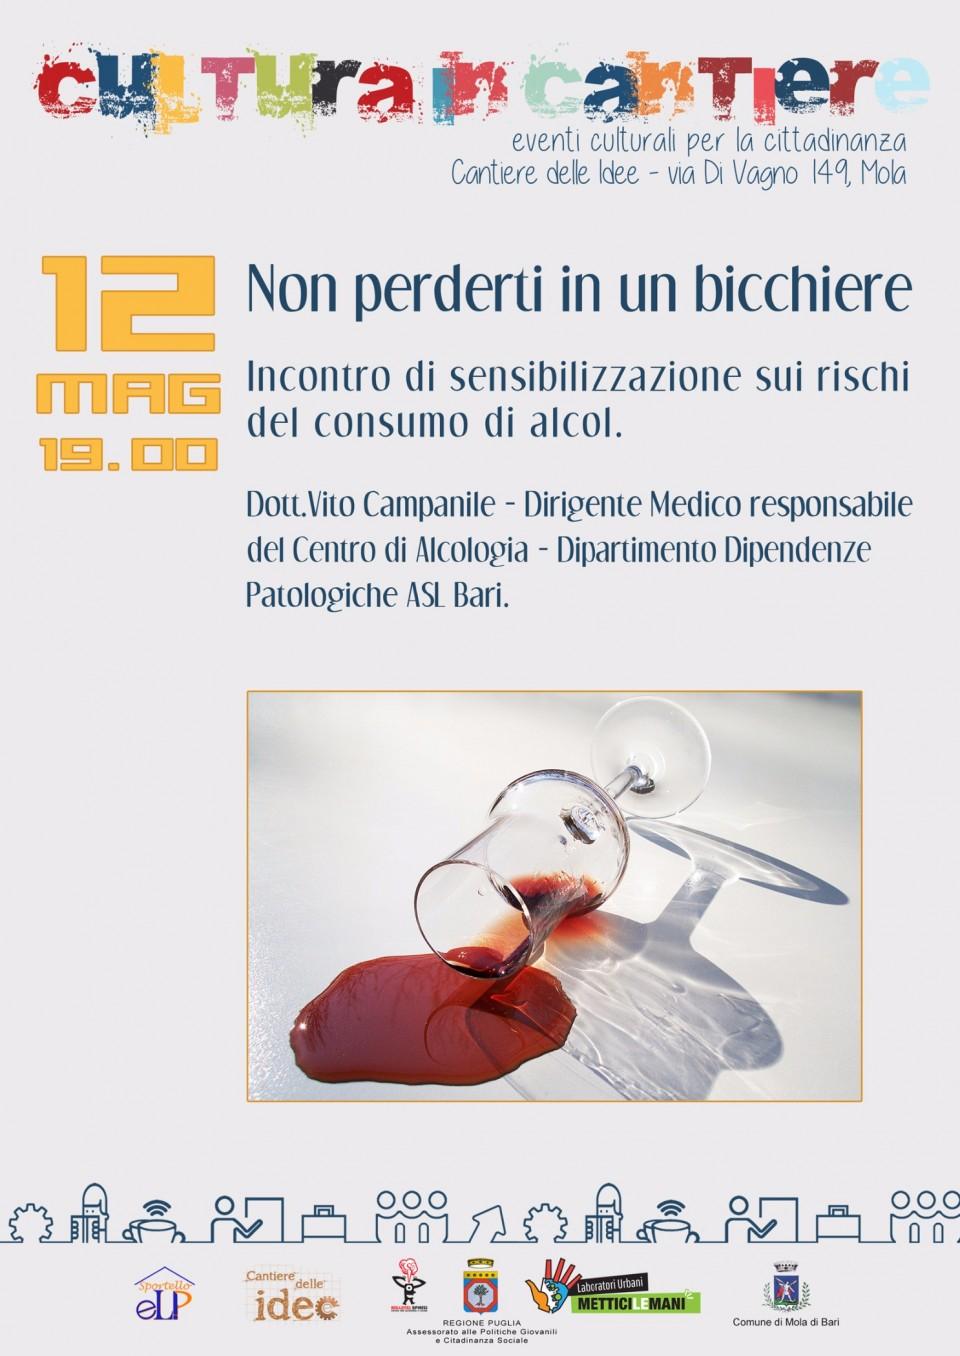 CAID 2016.05.12 Non perderti in un bicchiere